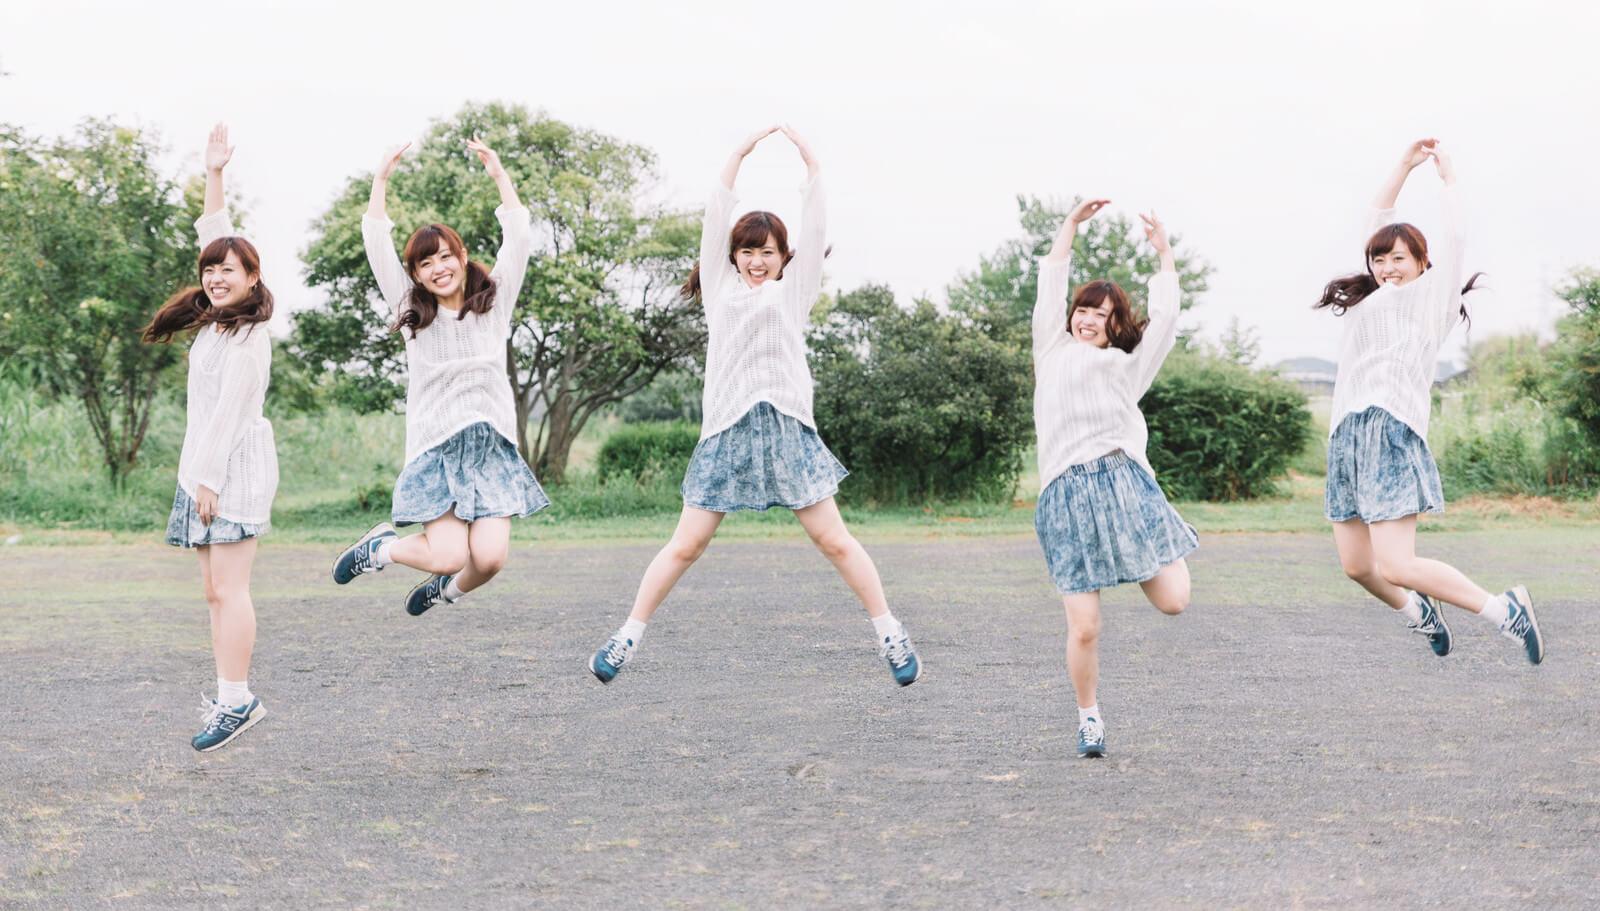 【万博ダンス】バブリーダンスで有名な登美丘高校が今度はコレッ!